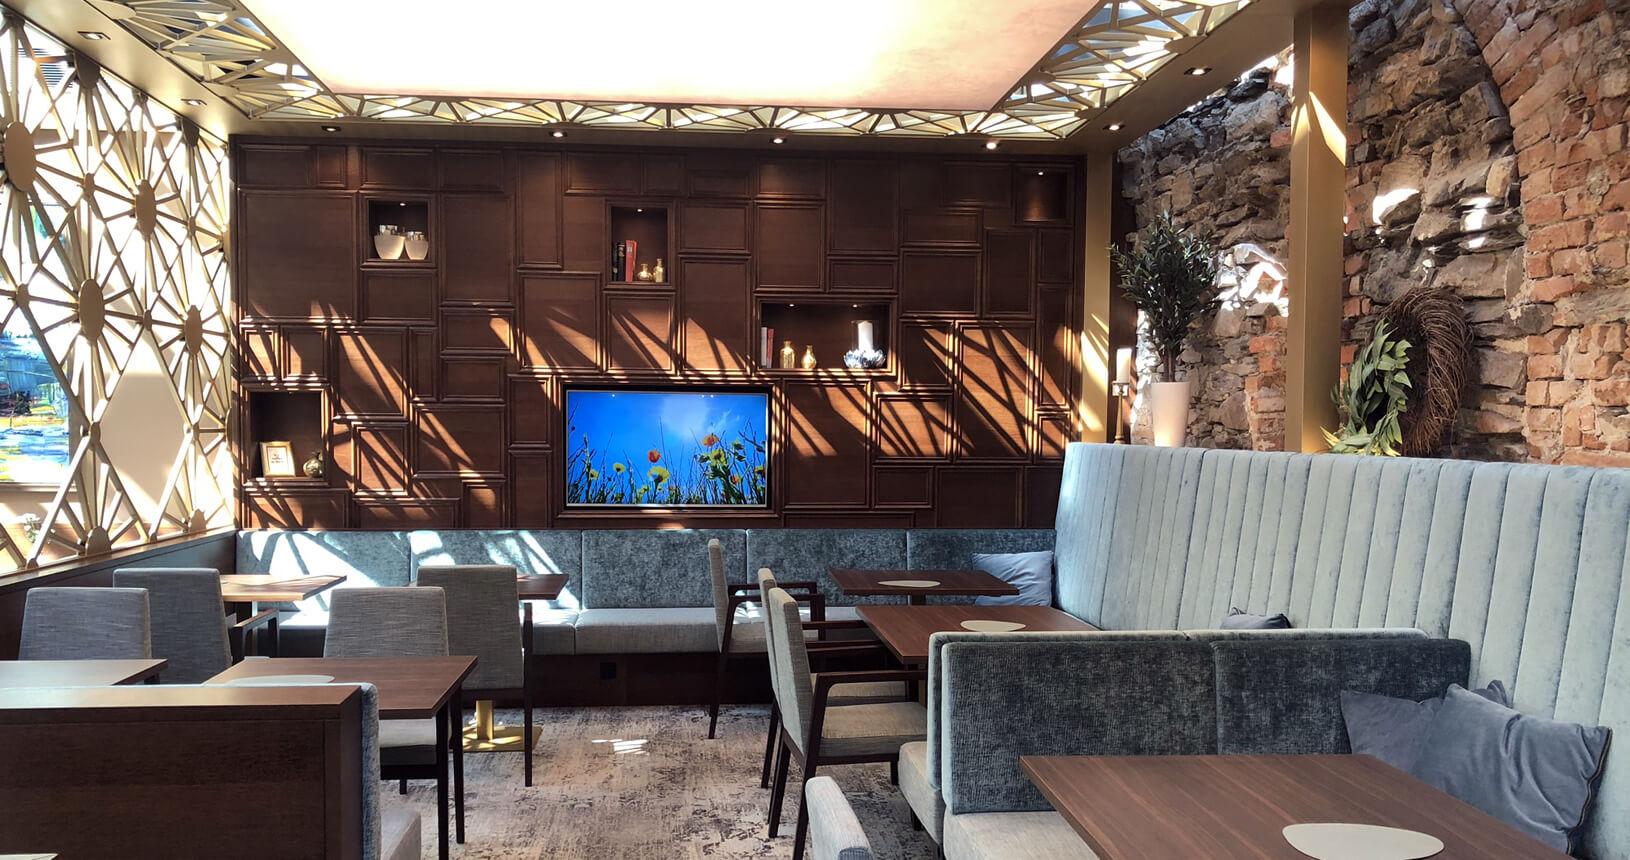 Cafe Wohnzimmer - Gastraum